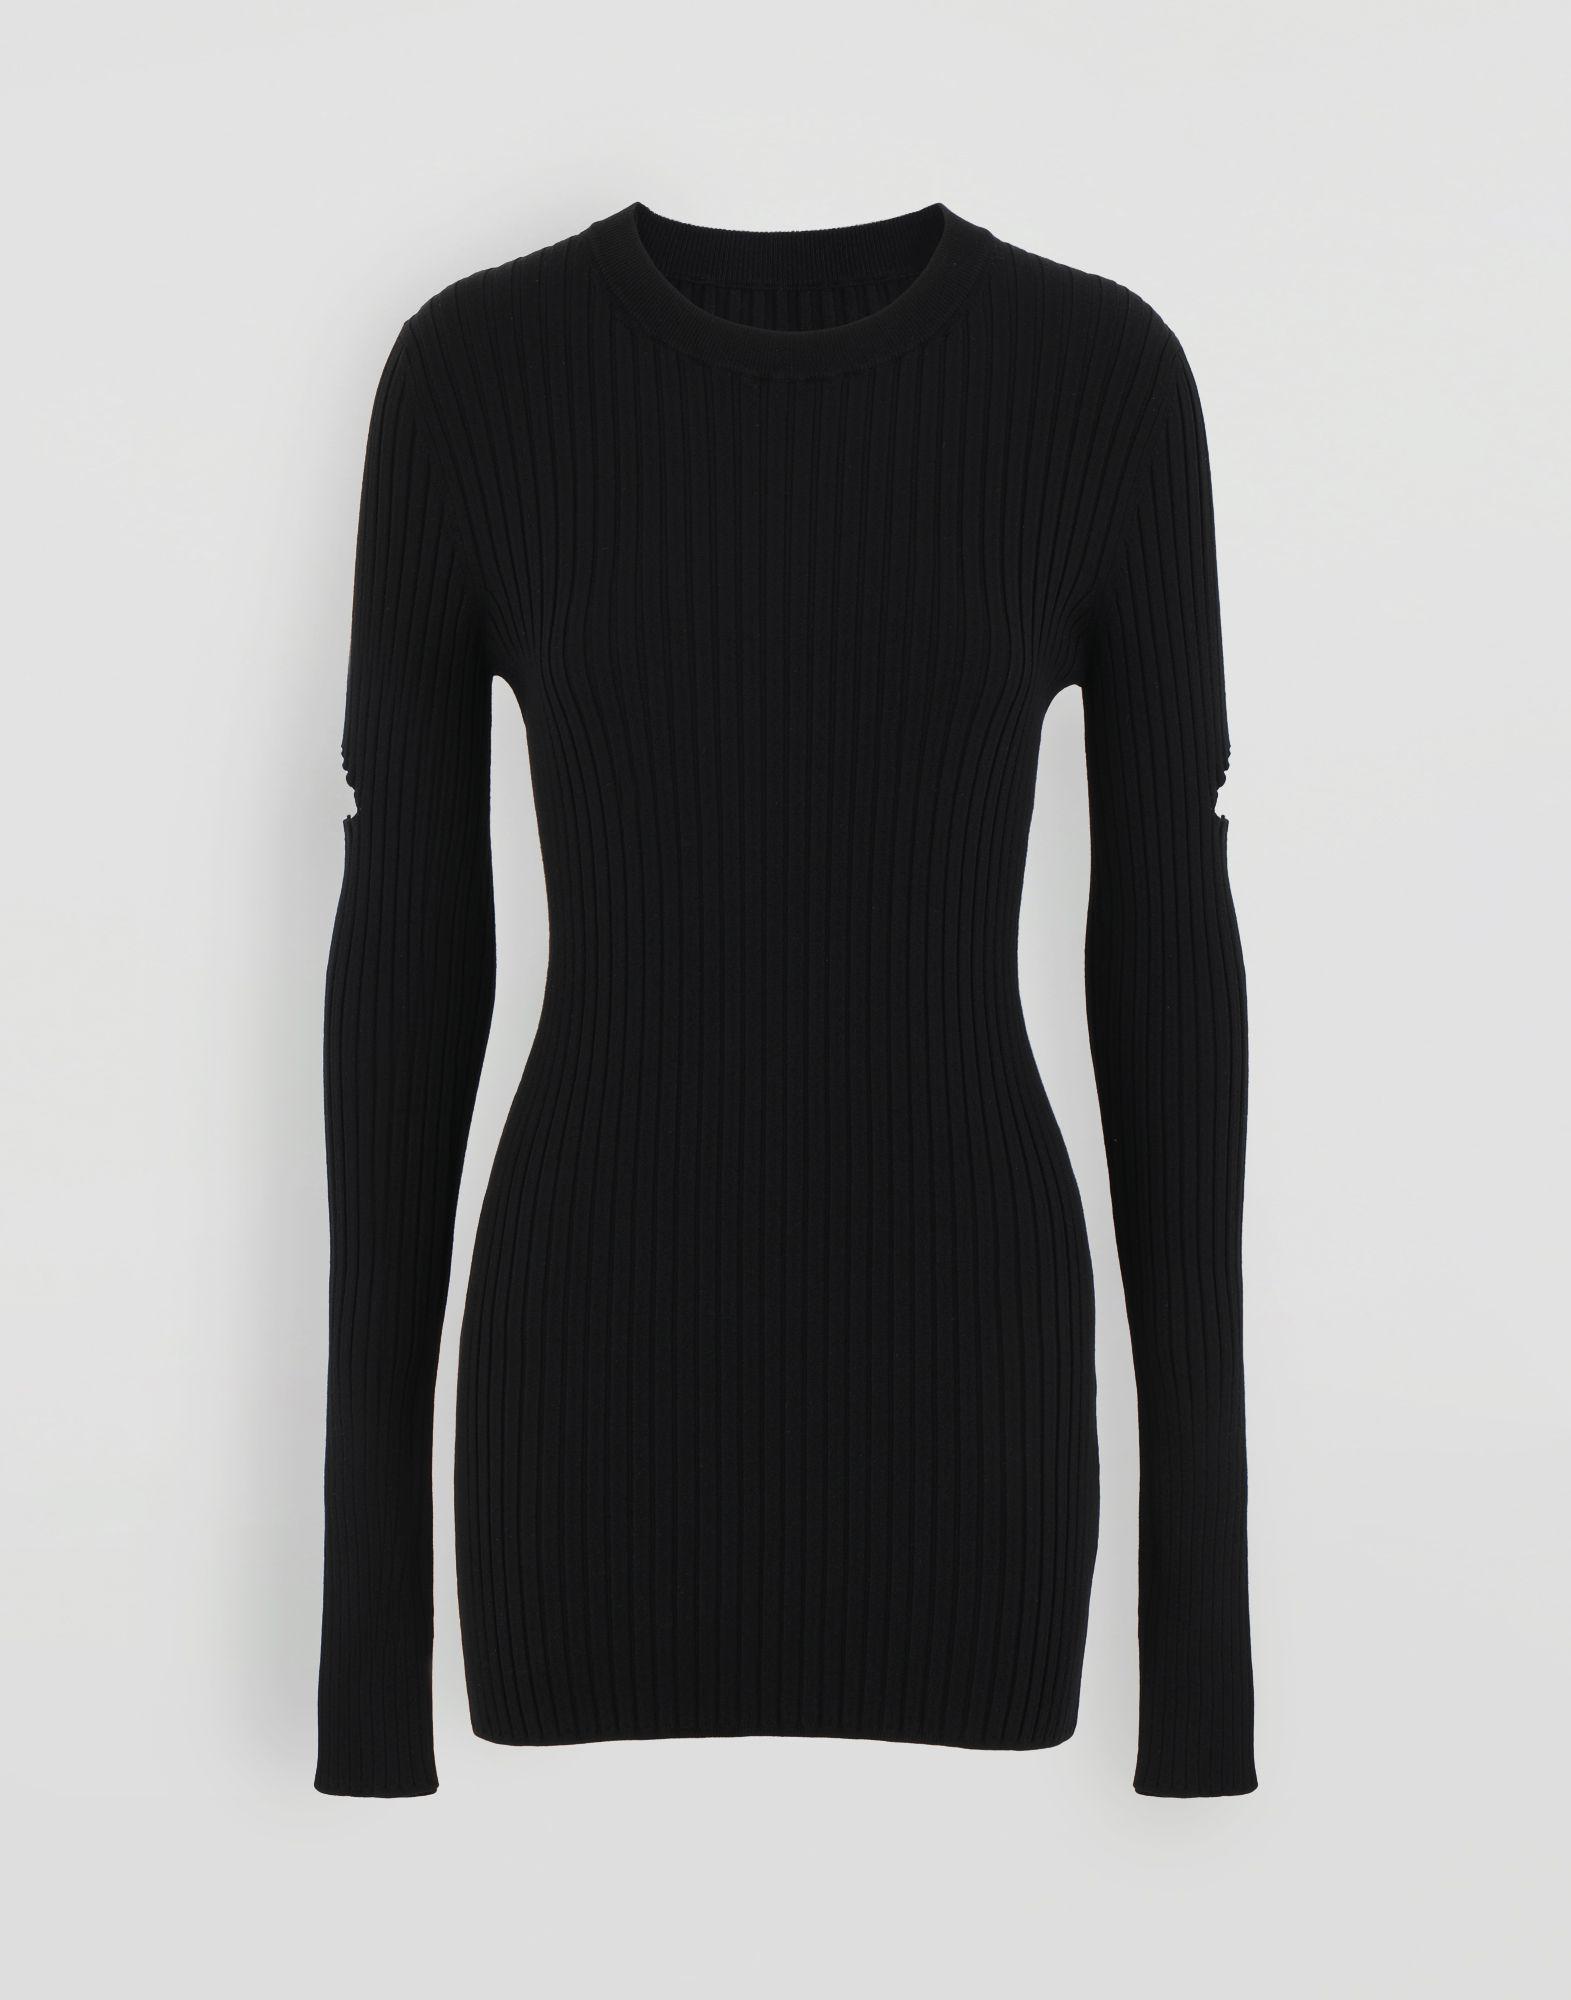 MM6 MAISON MARGIELA Décortiqué pullover Crewneck sweater Woman f